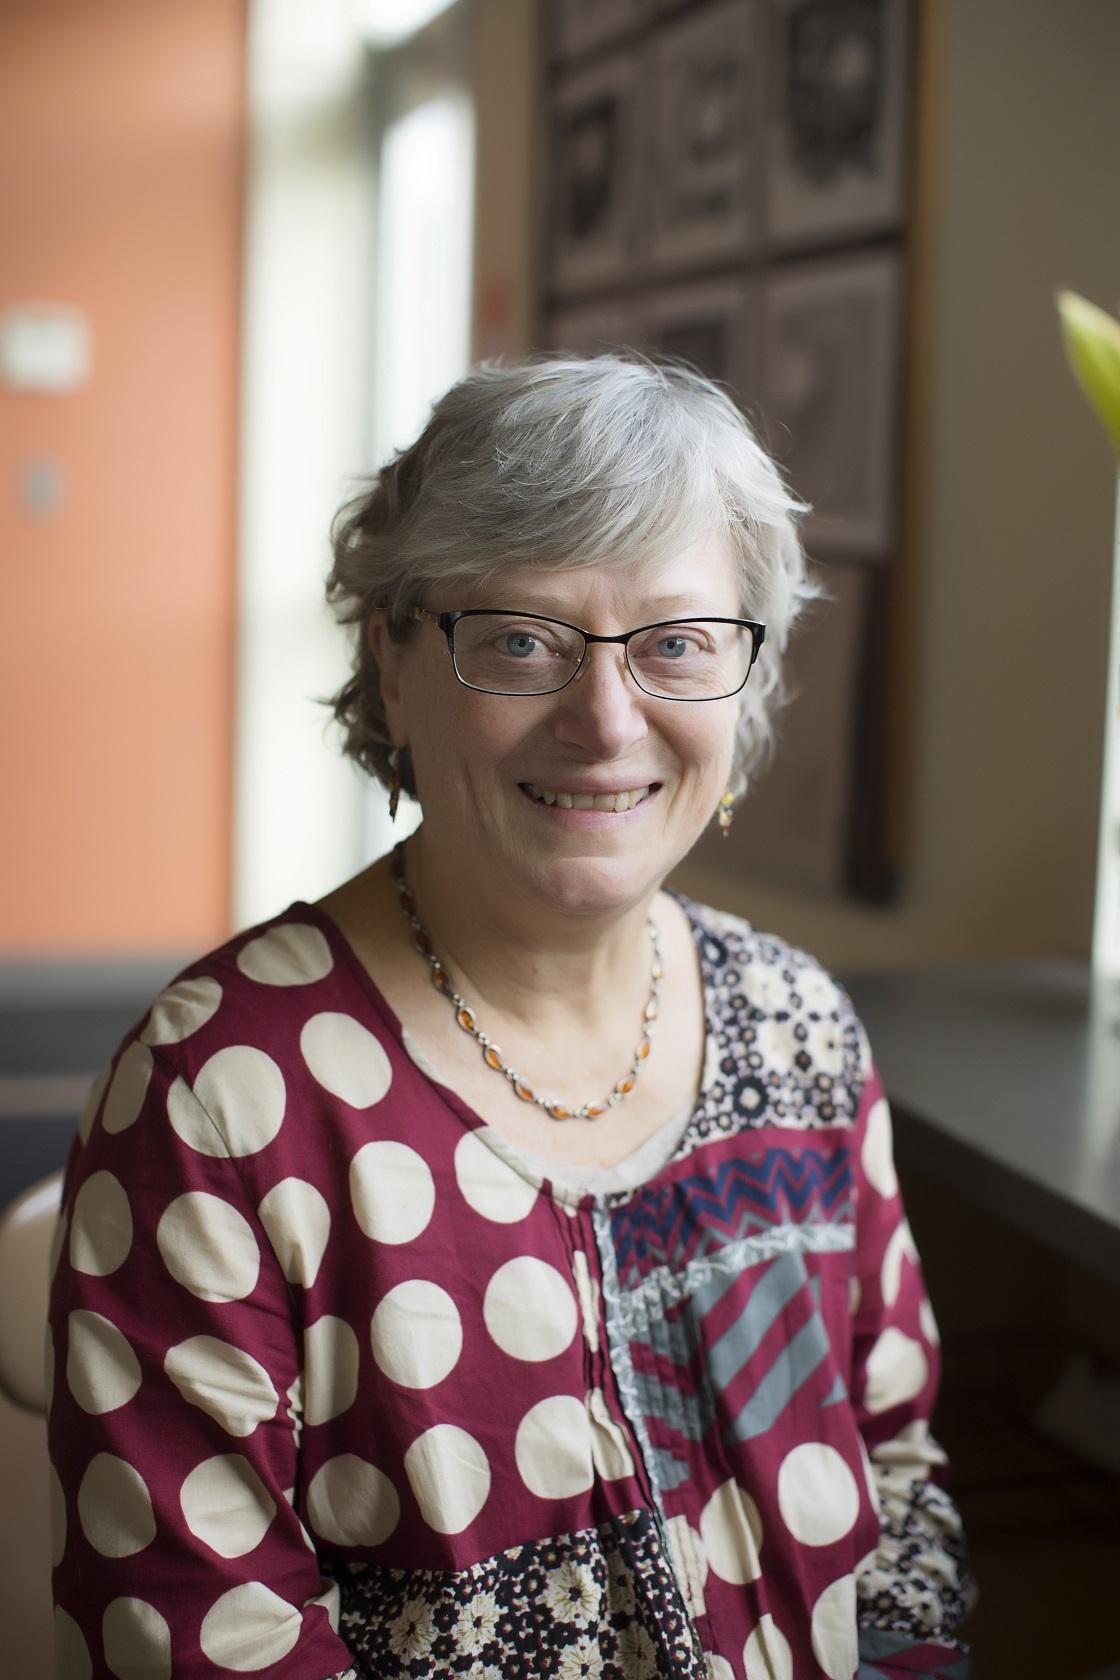 Karen Sheridan